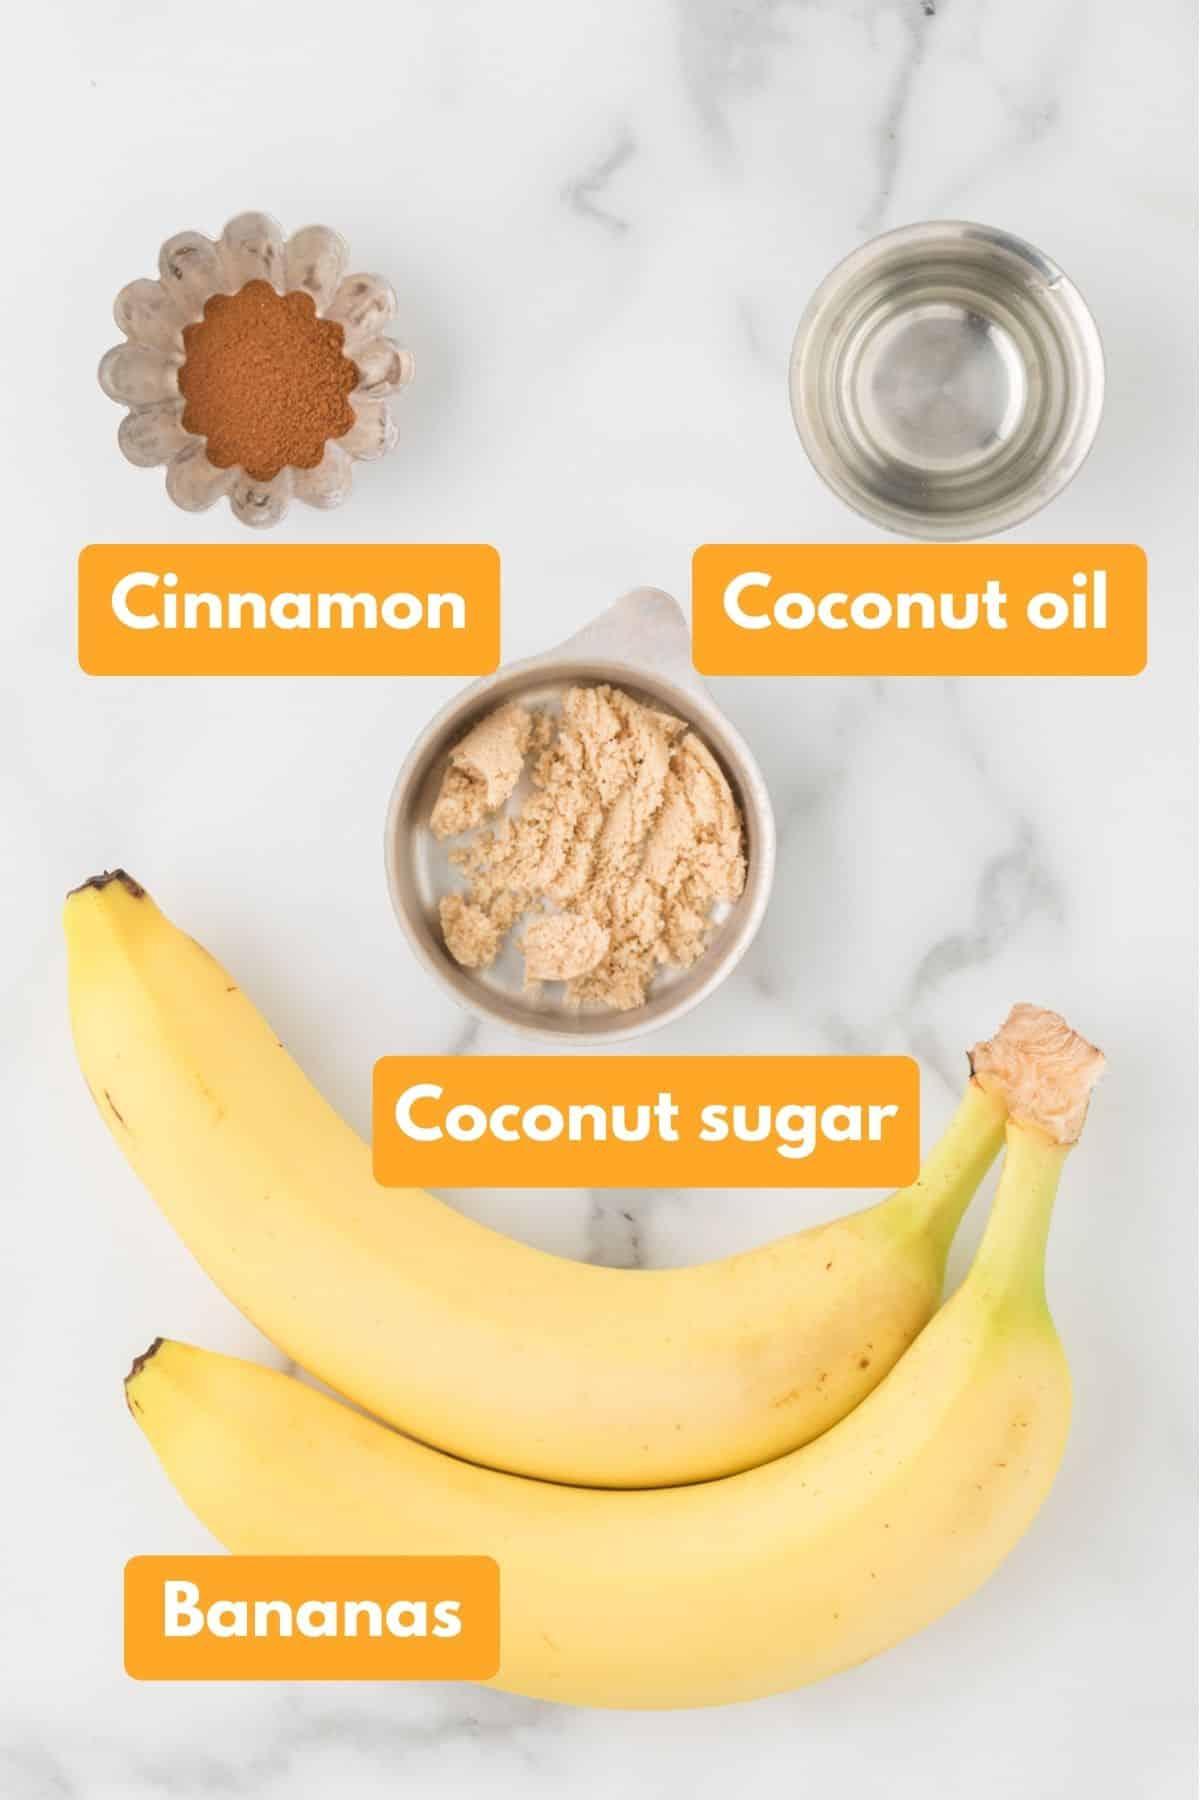 ingredients for air fryer bananas